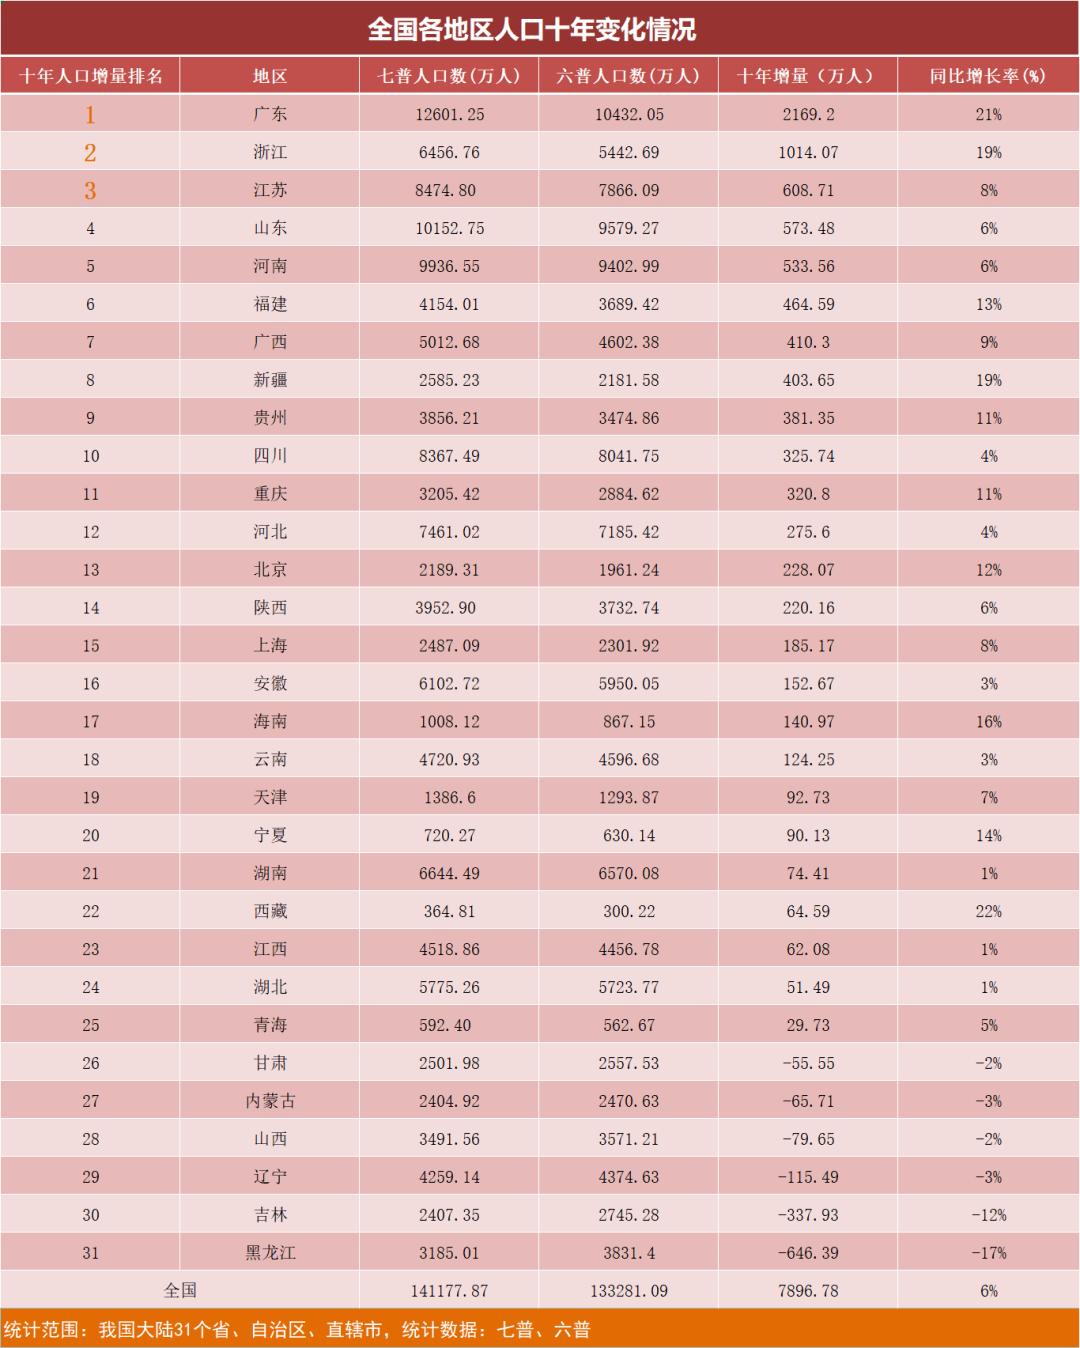 山东和河南历年人口_山东和河南地图